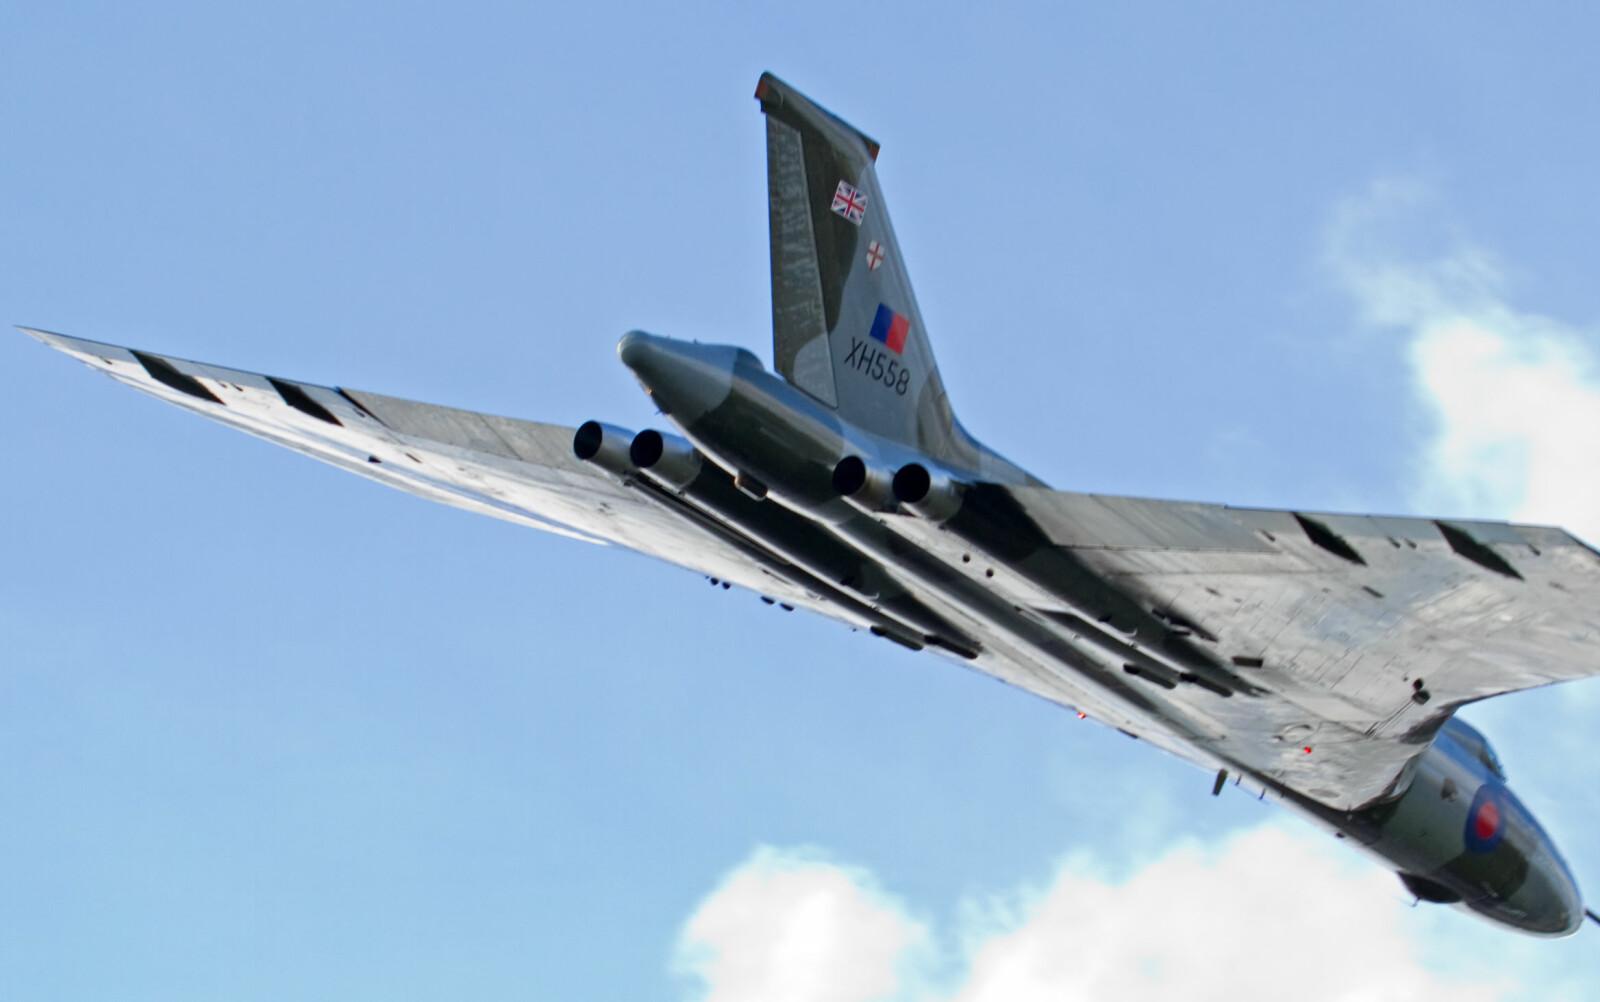 DELTAVINGE: Det supersoniske bombeflyet Avro Vulcan gikk på vingene så tidlig som i 1952.